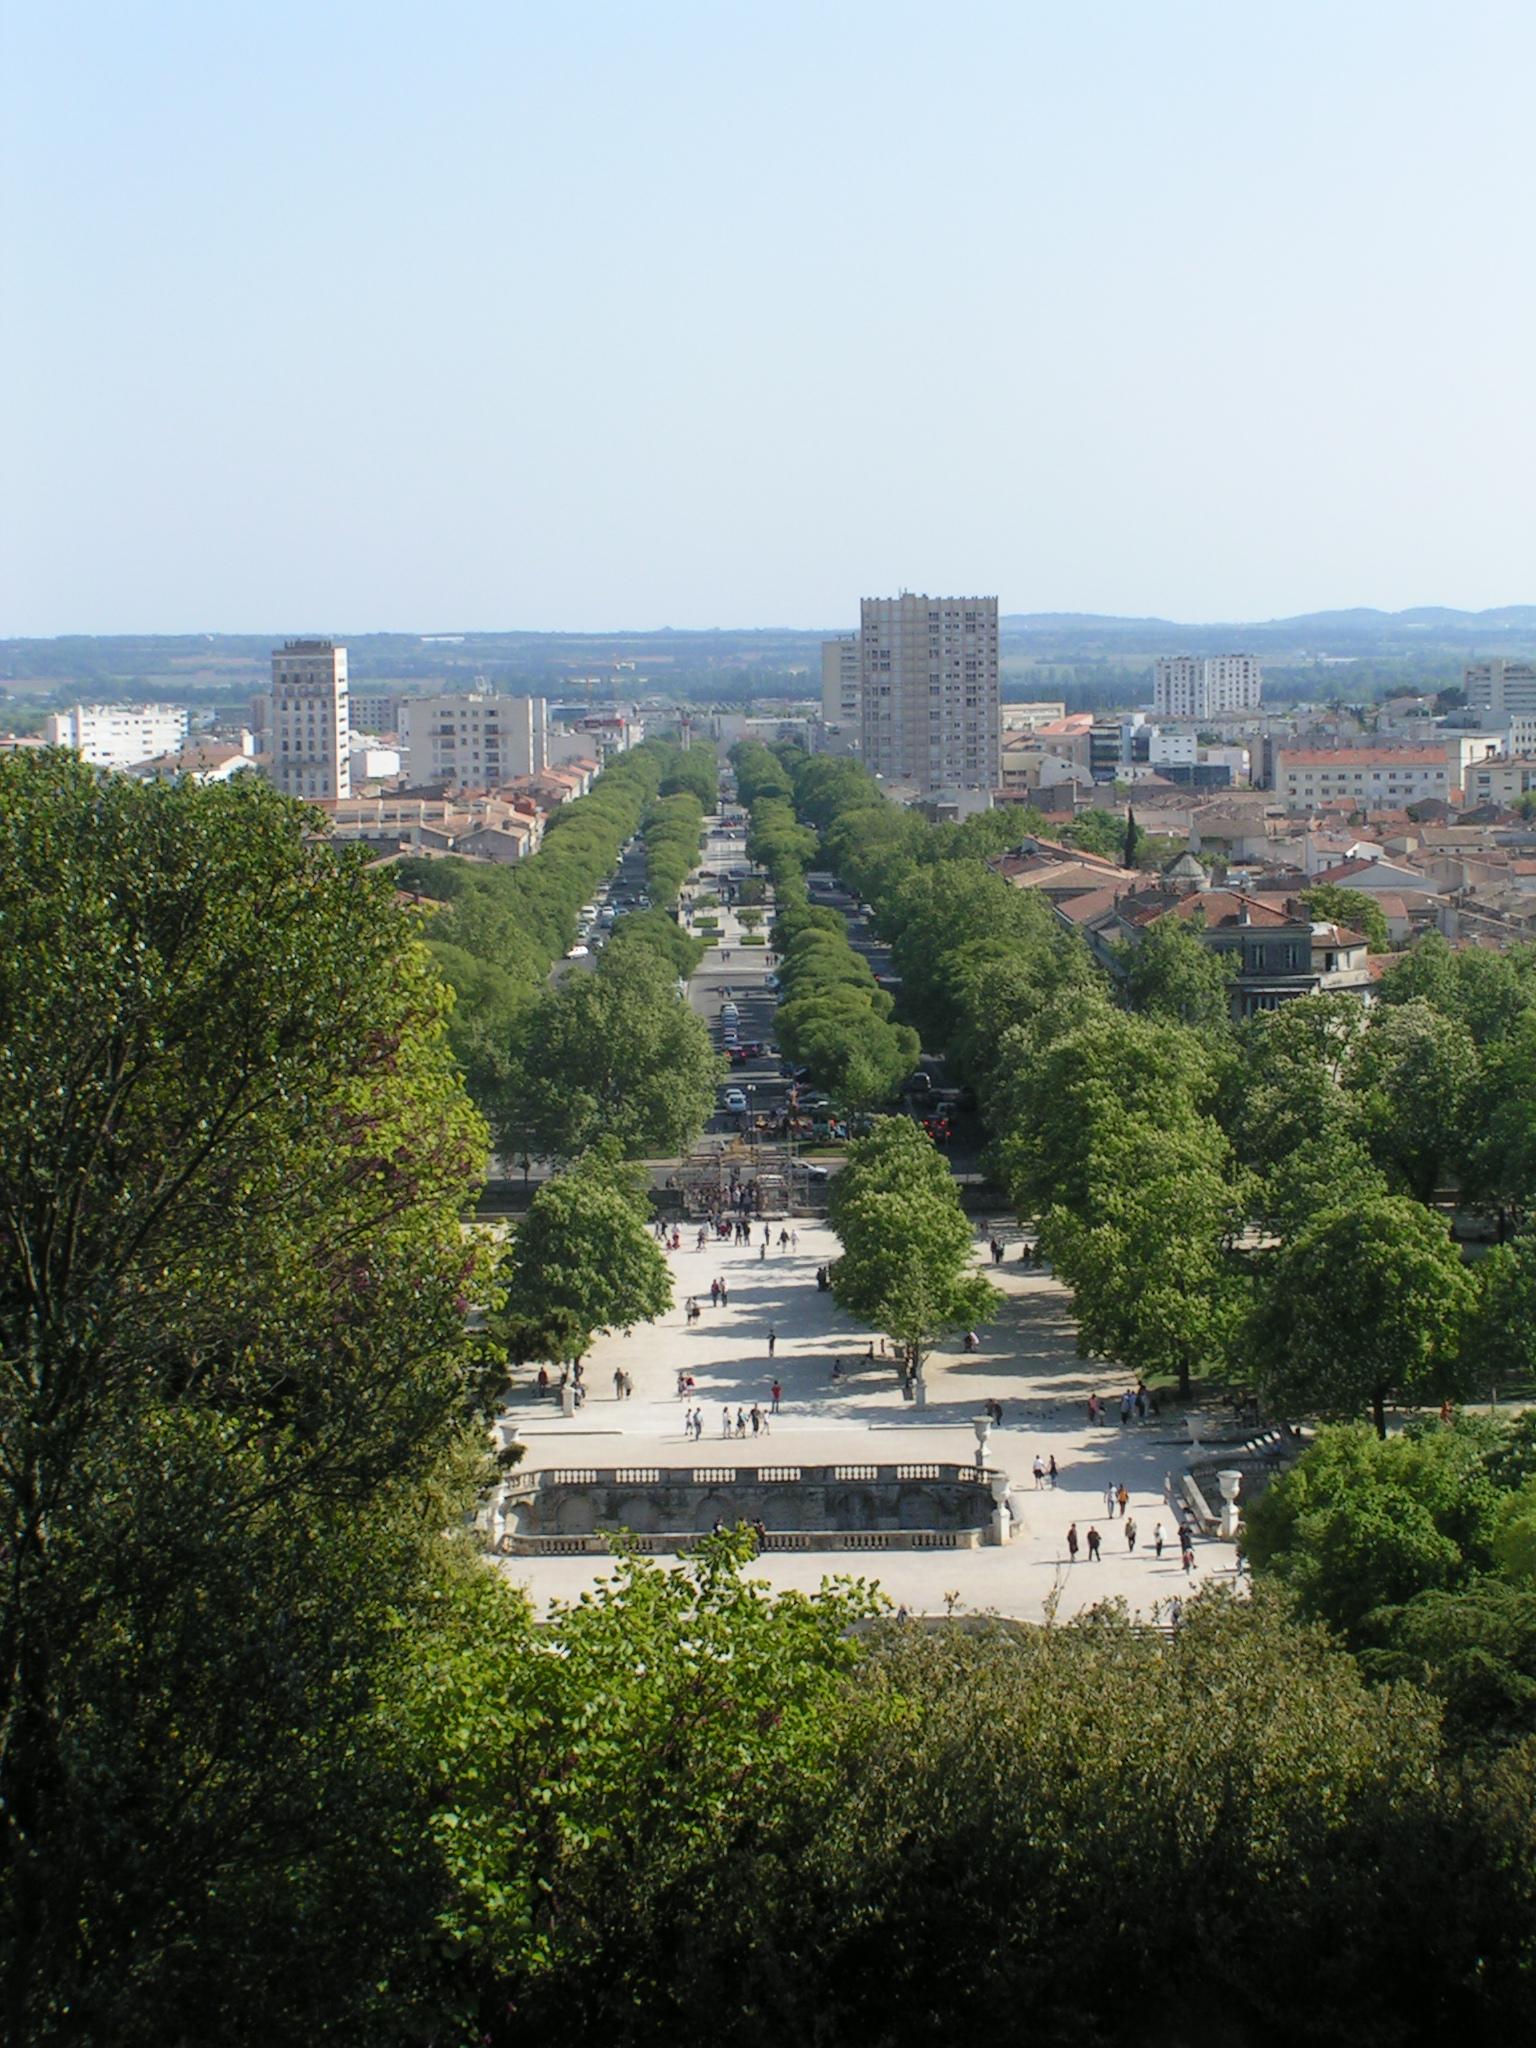 Nimes Ville Historique 2 2 Histoire Geographie Limoges